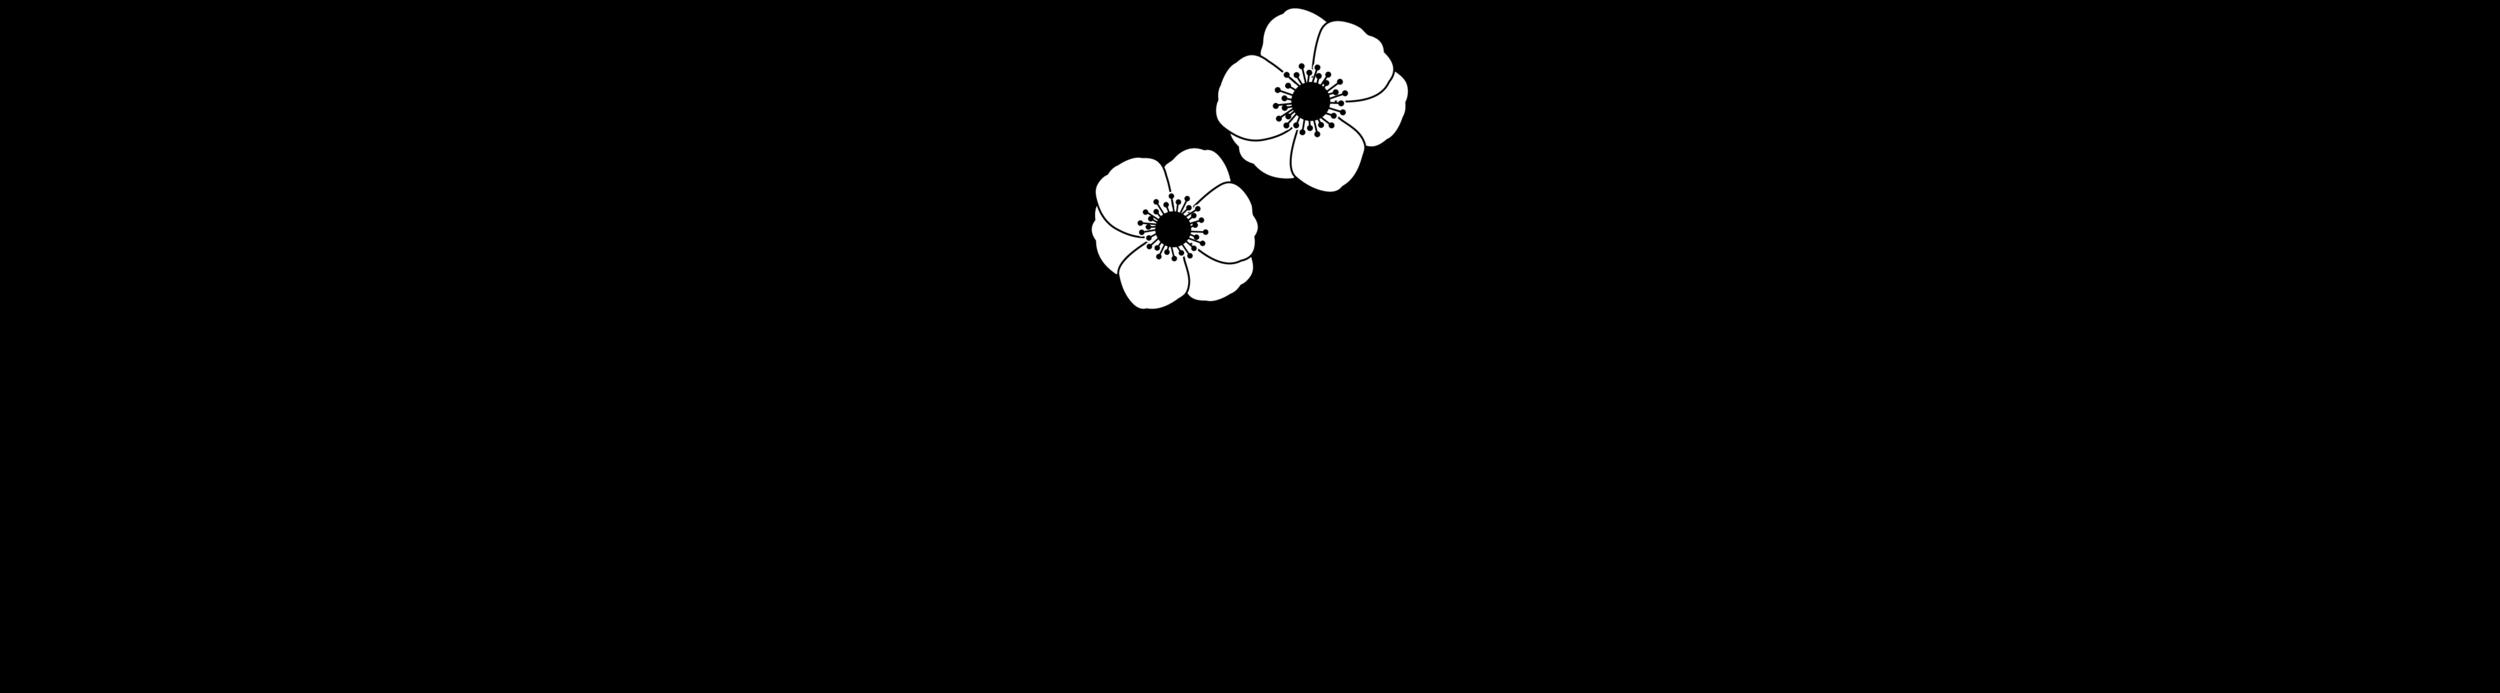 blackandwhite-01.png